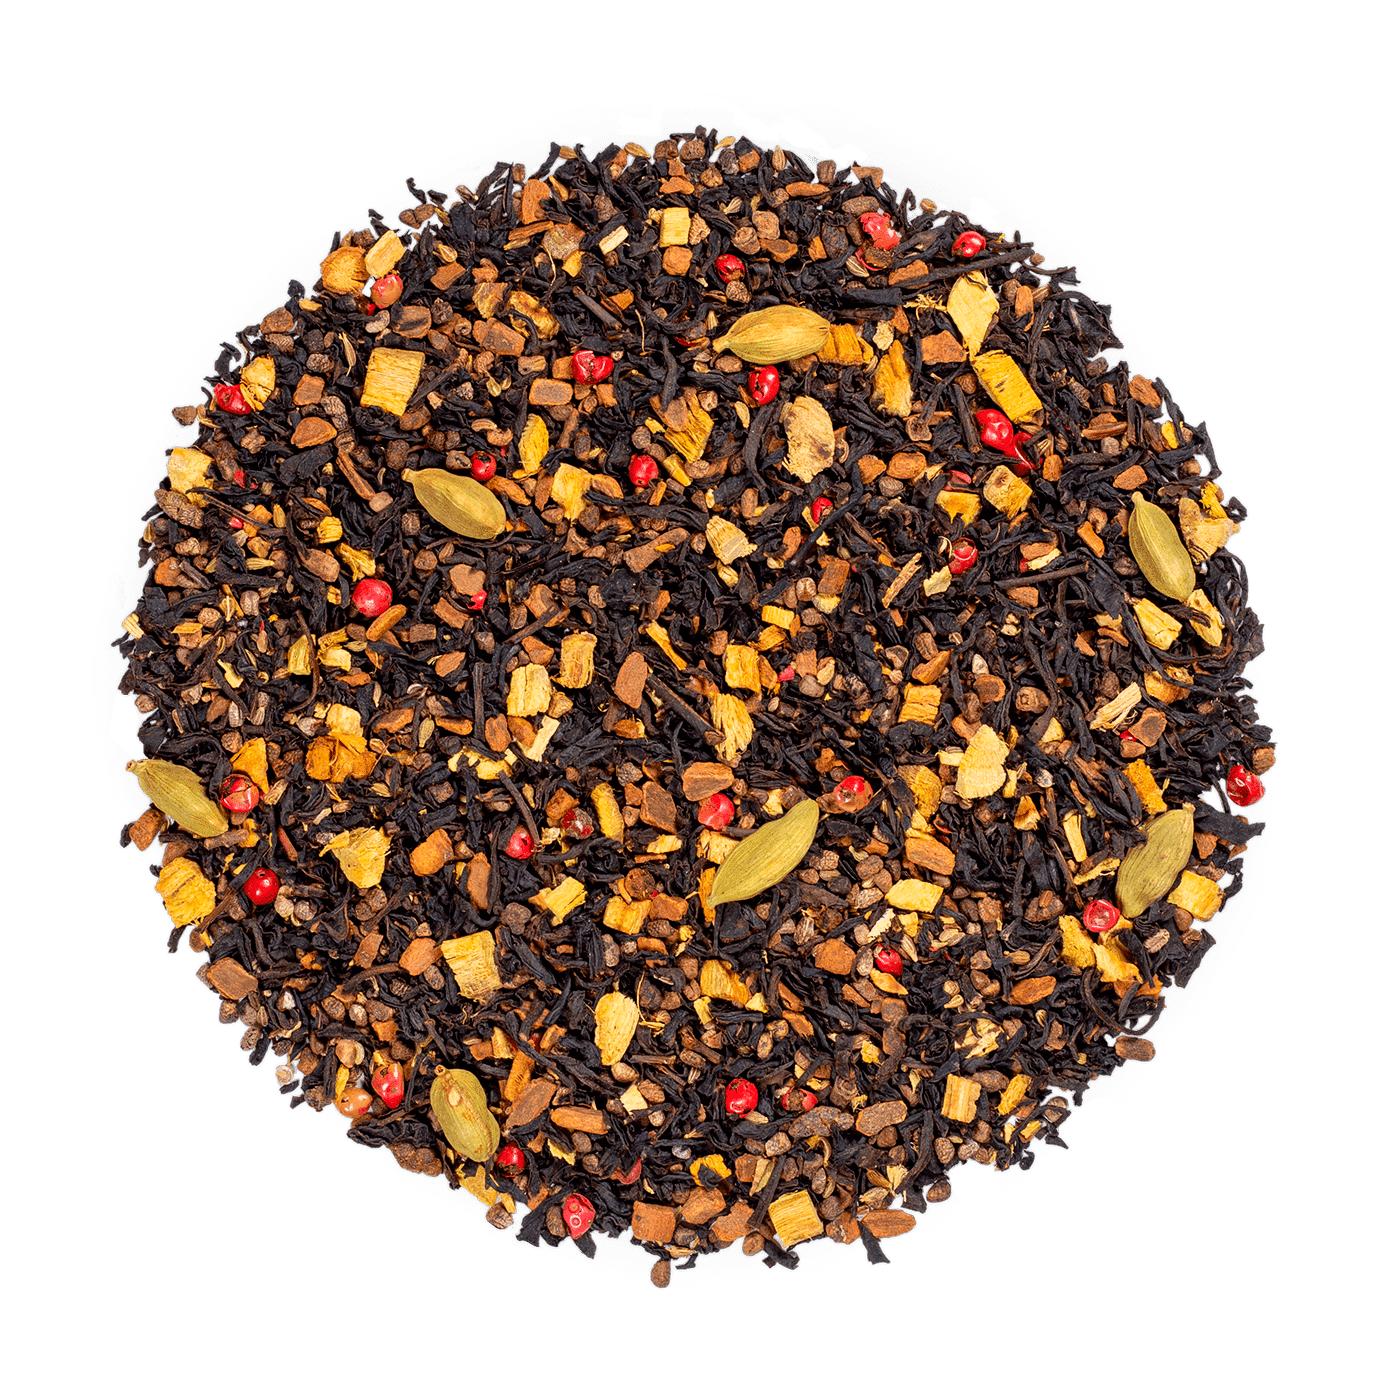 KUSMI TEA Sweet Love bio - Mélange aromatisé de thé noir, poivre rose, guarana et épices - Thé en vrac - Kusmi Tea